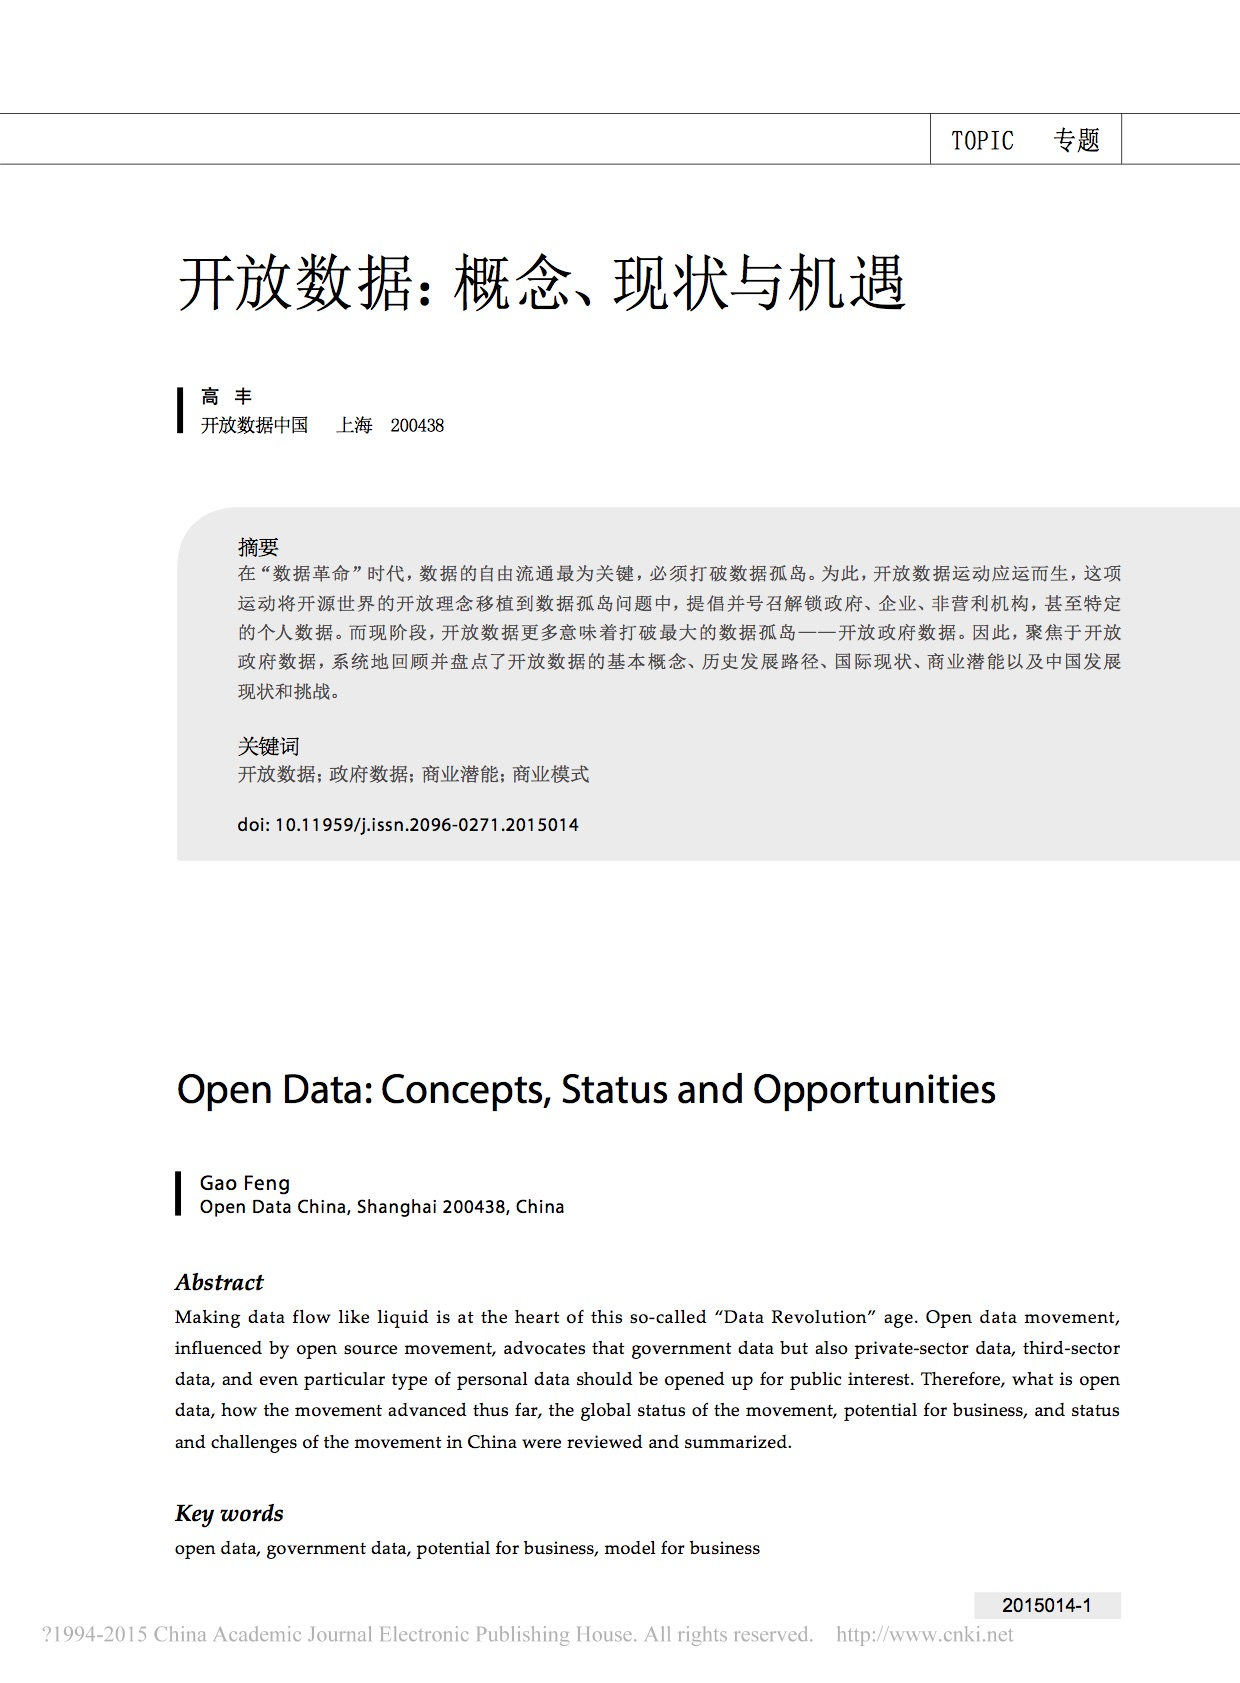 开放数据_概念_现状与机遇_高丰